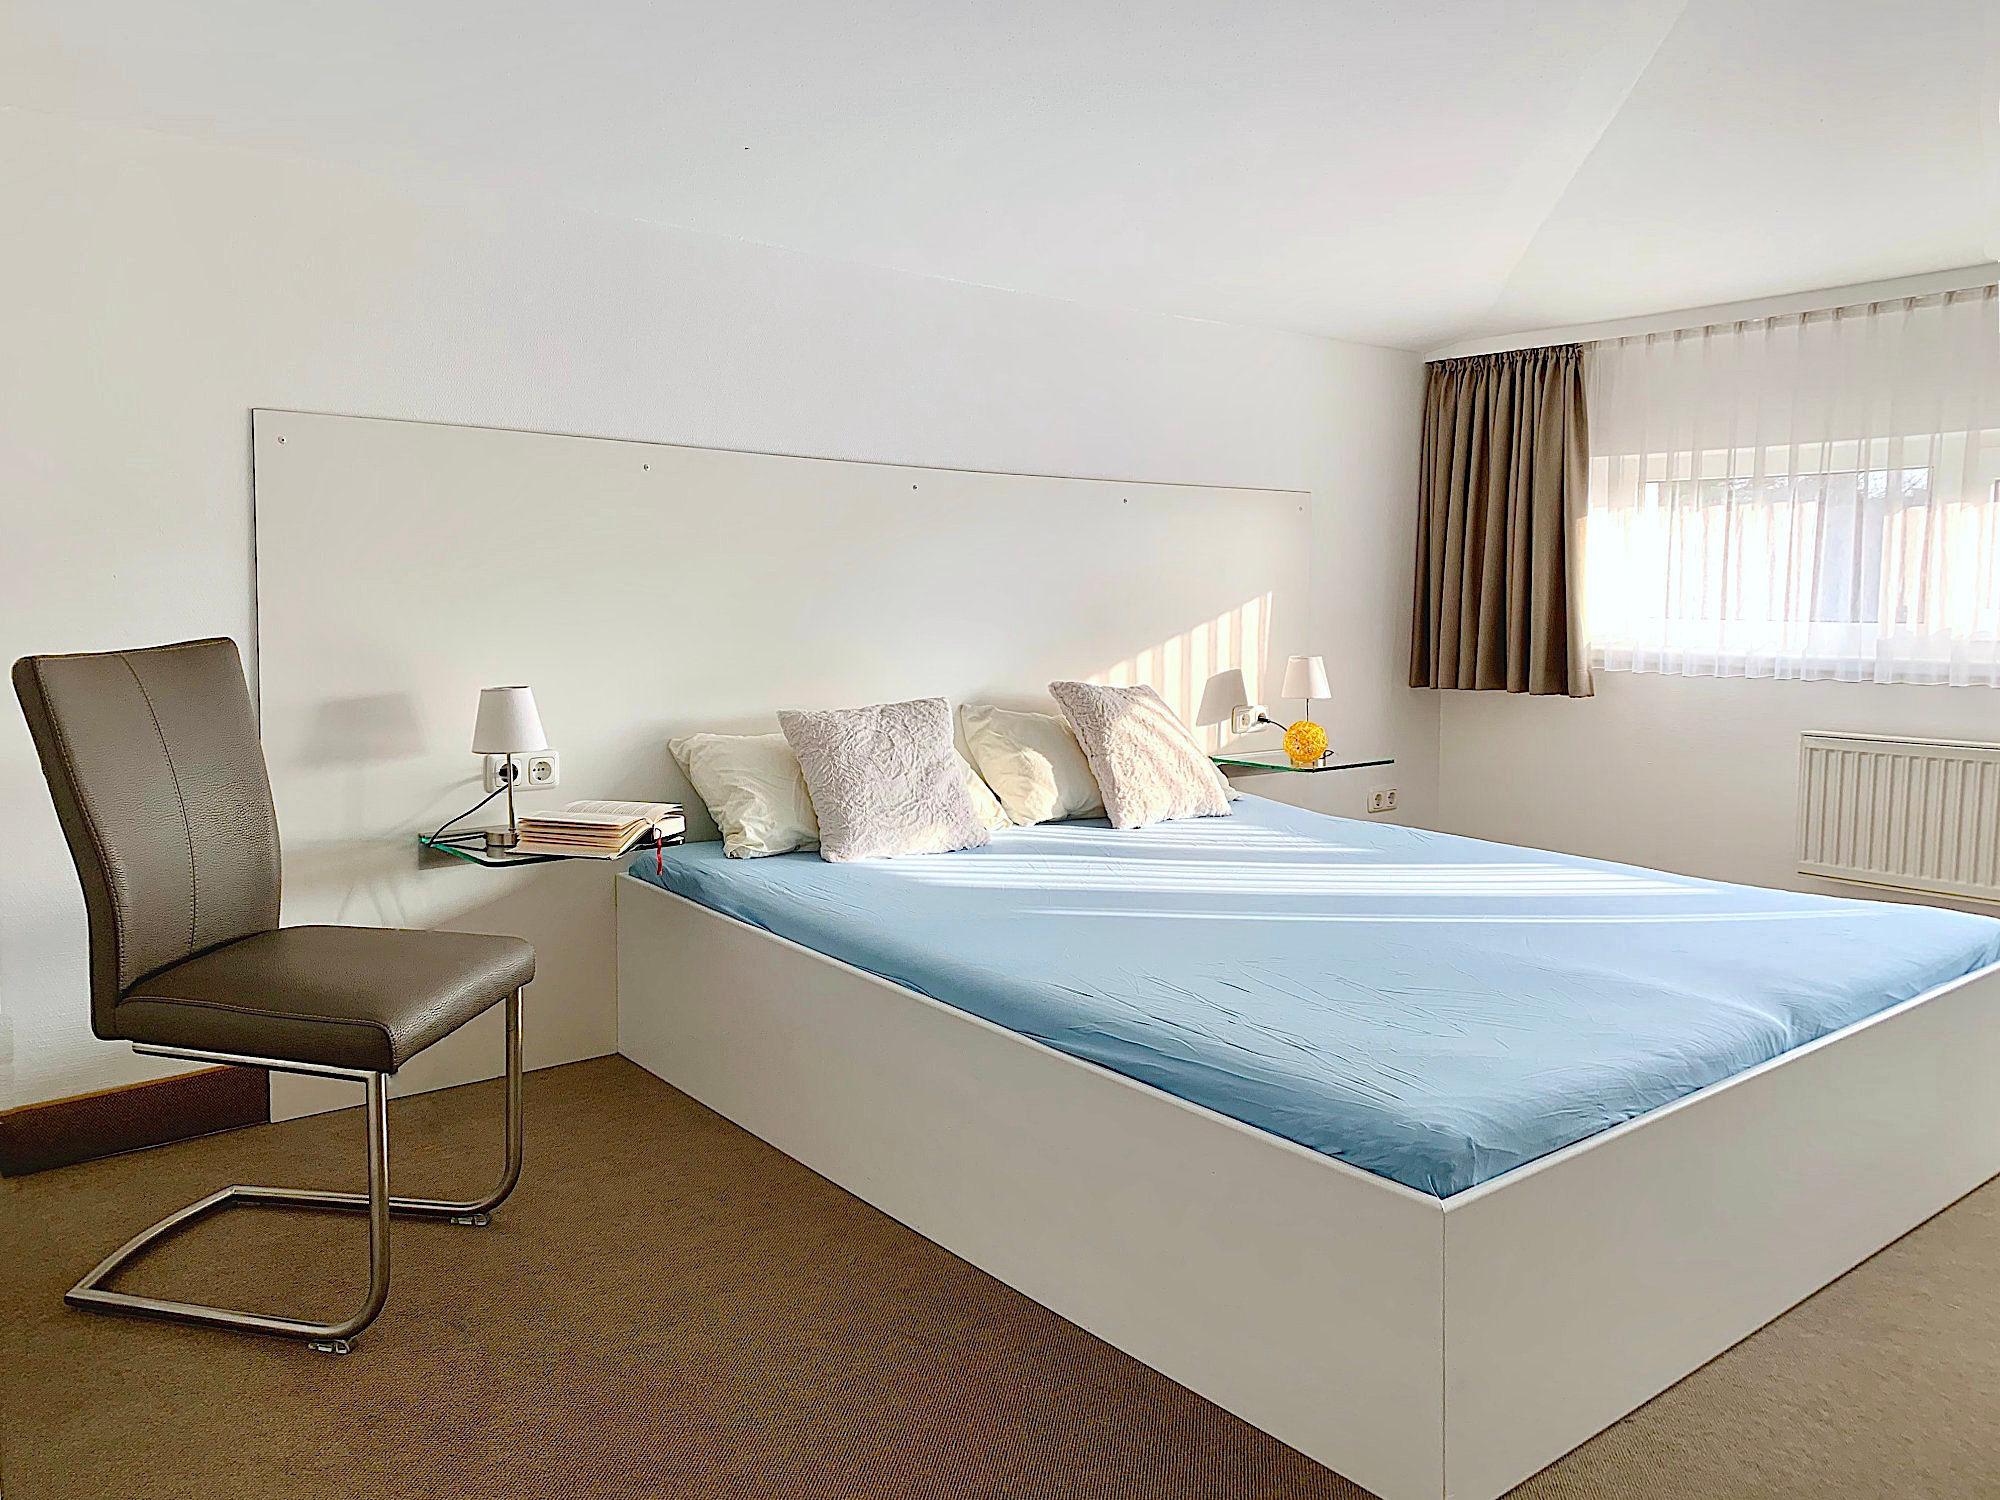 Schlafzimmer mit Doppelbett, rechts davon zwei Fenster